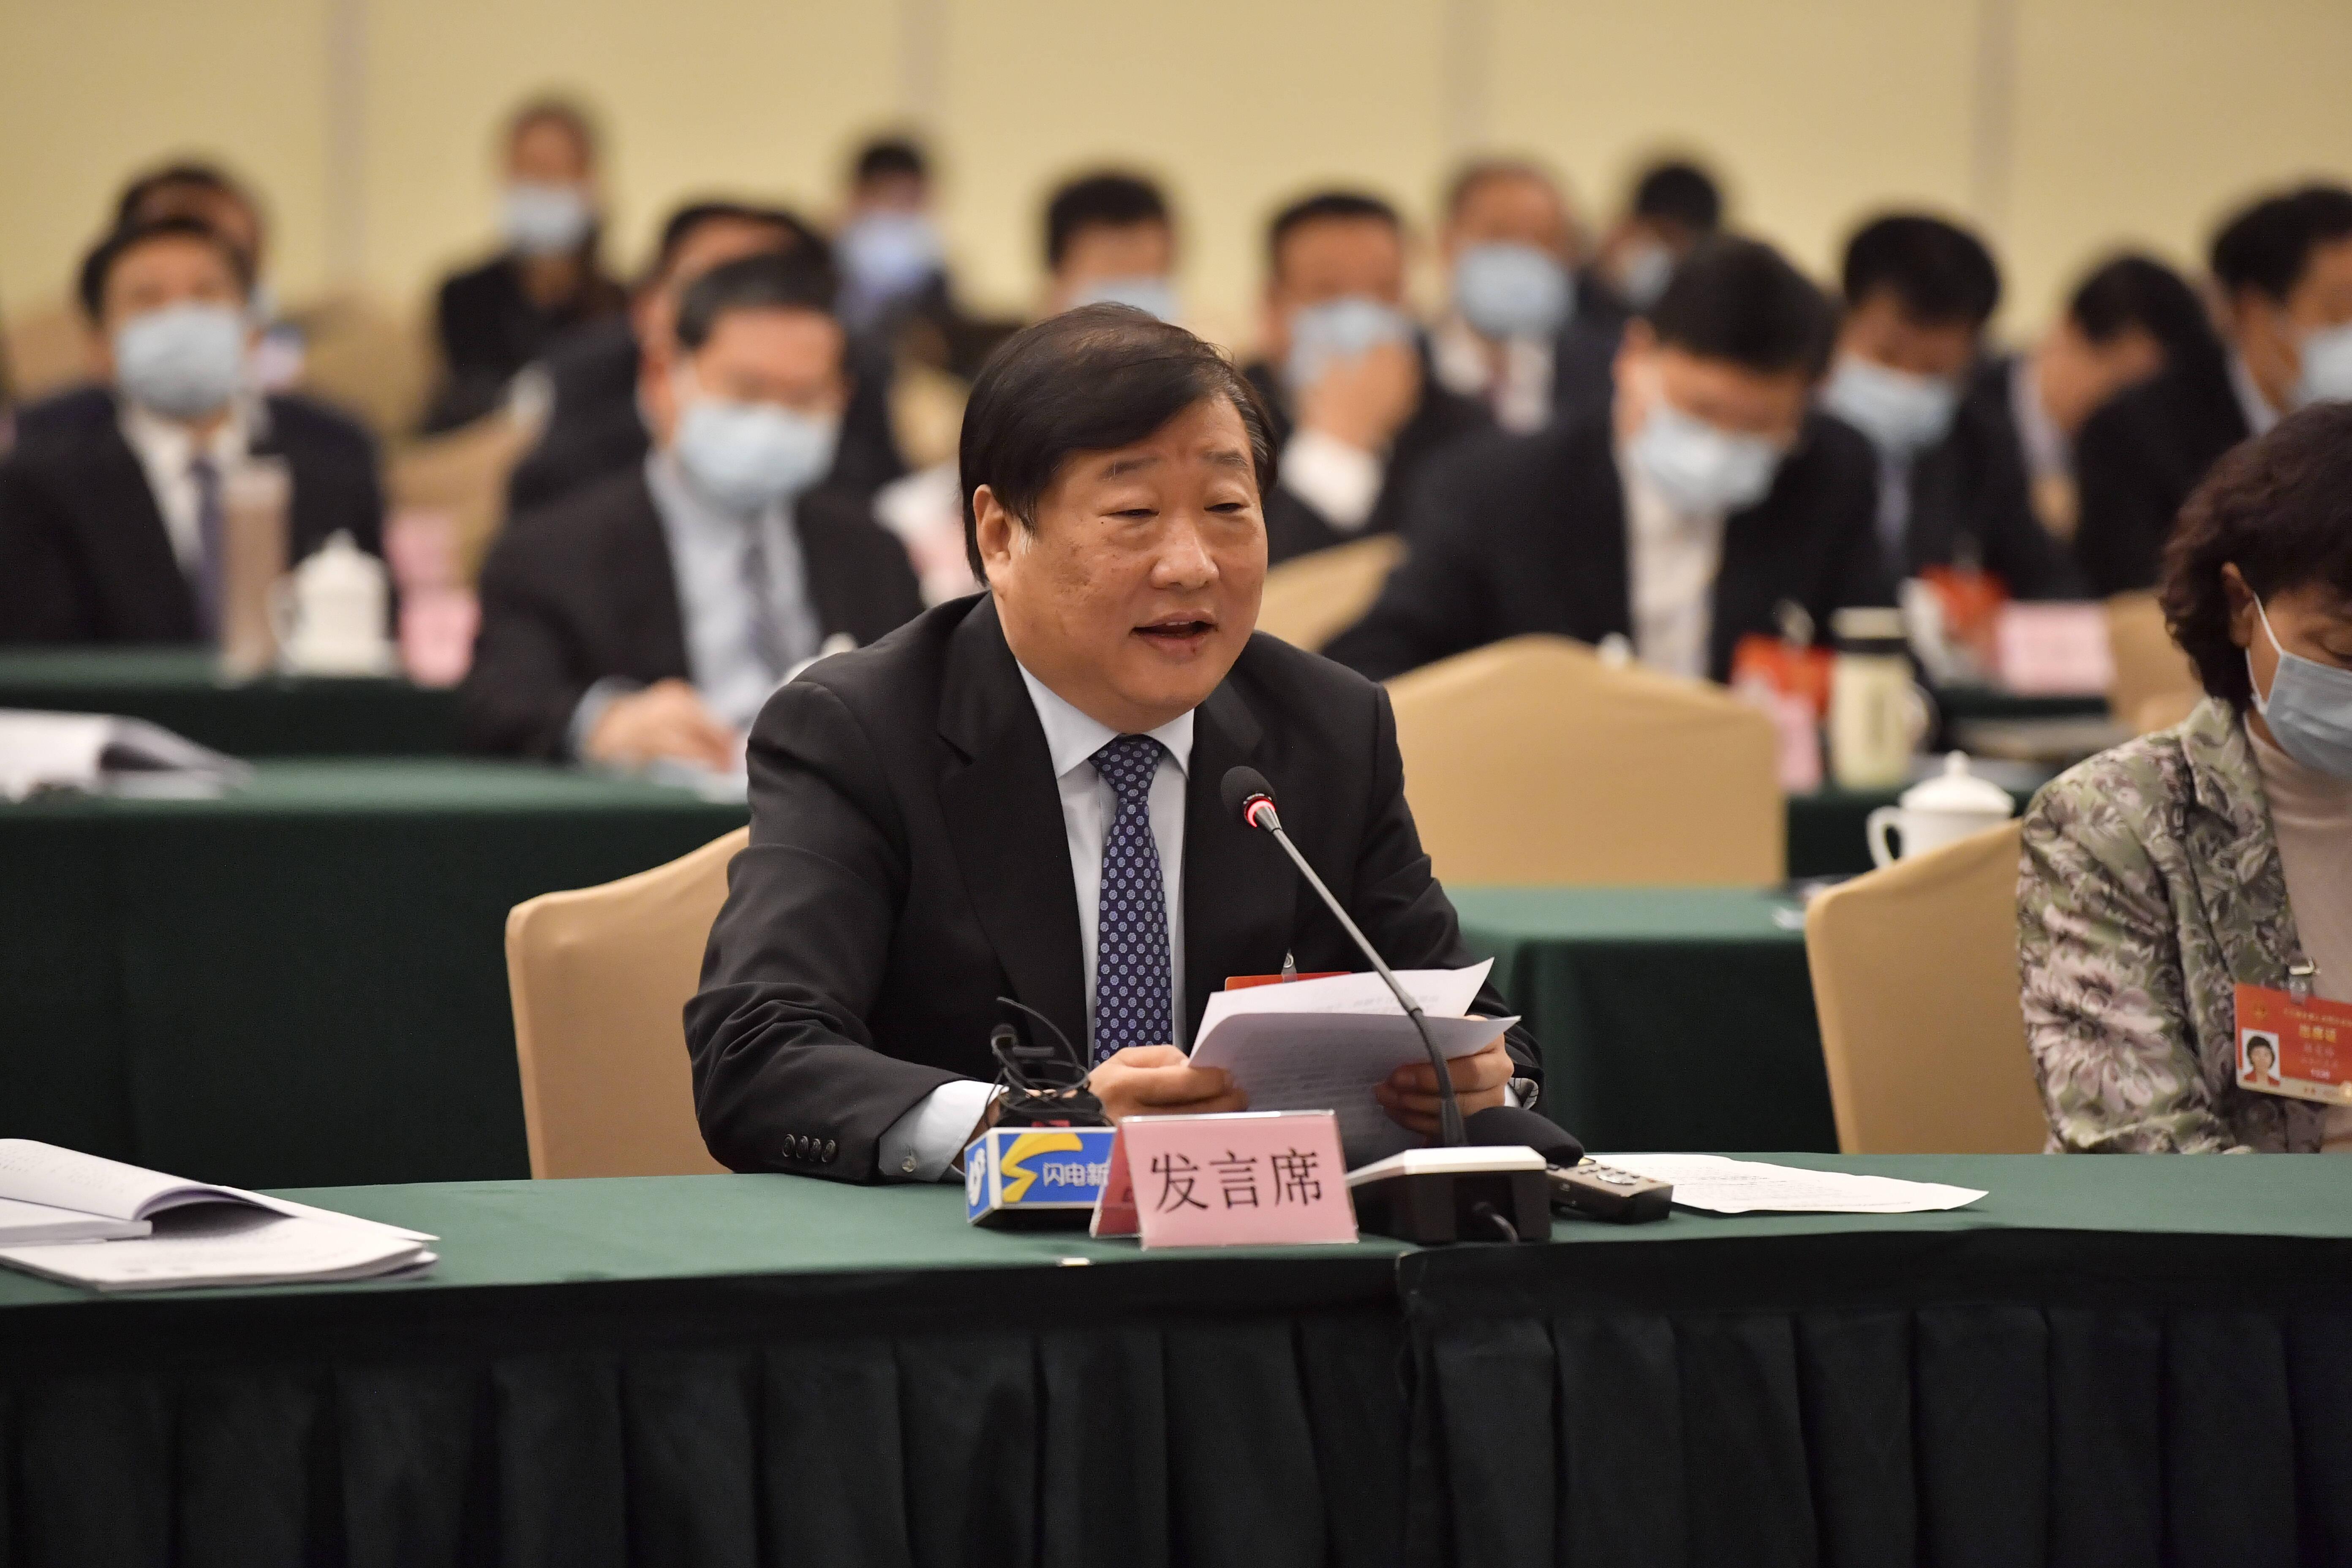 全国人大代表谭旭光:要坚持加大前沿技术的研发投入